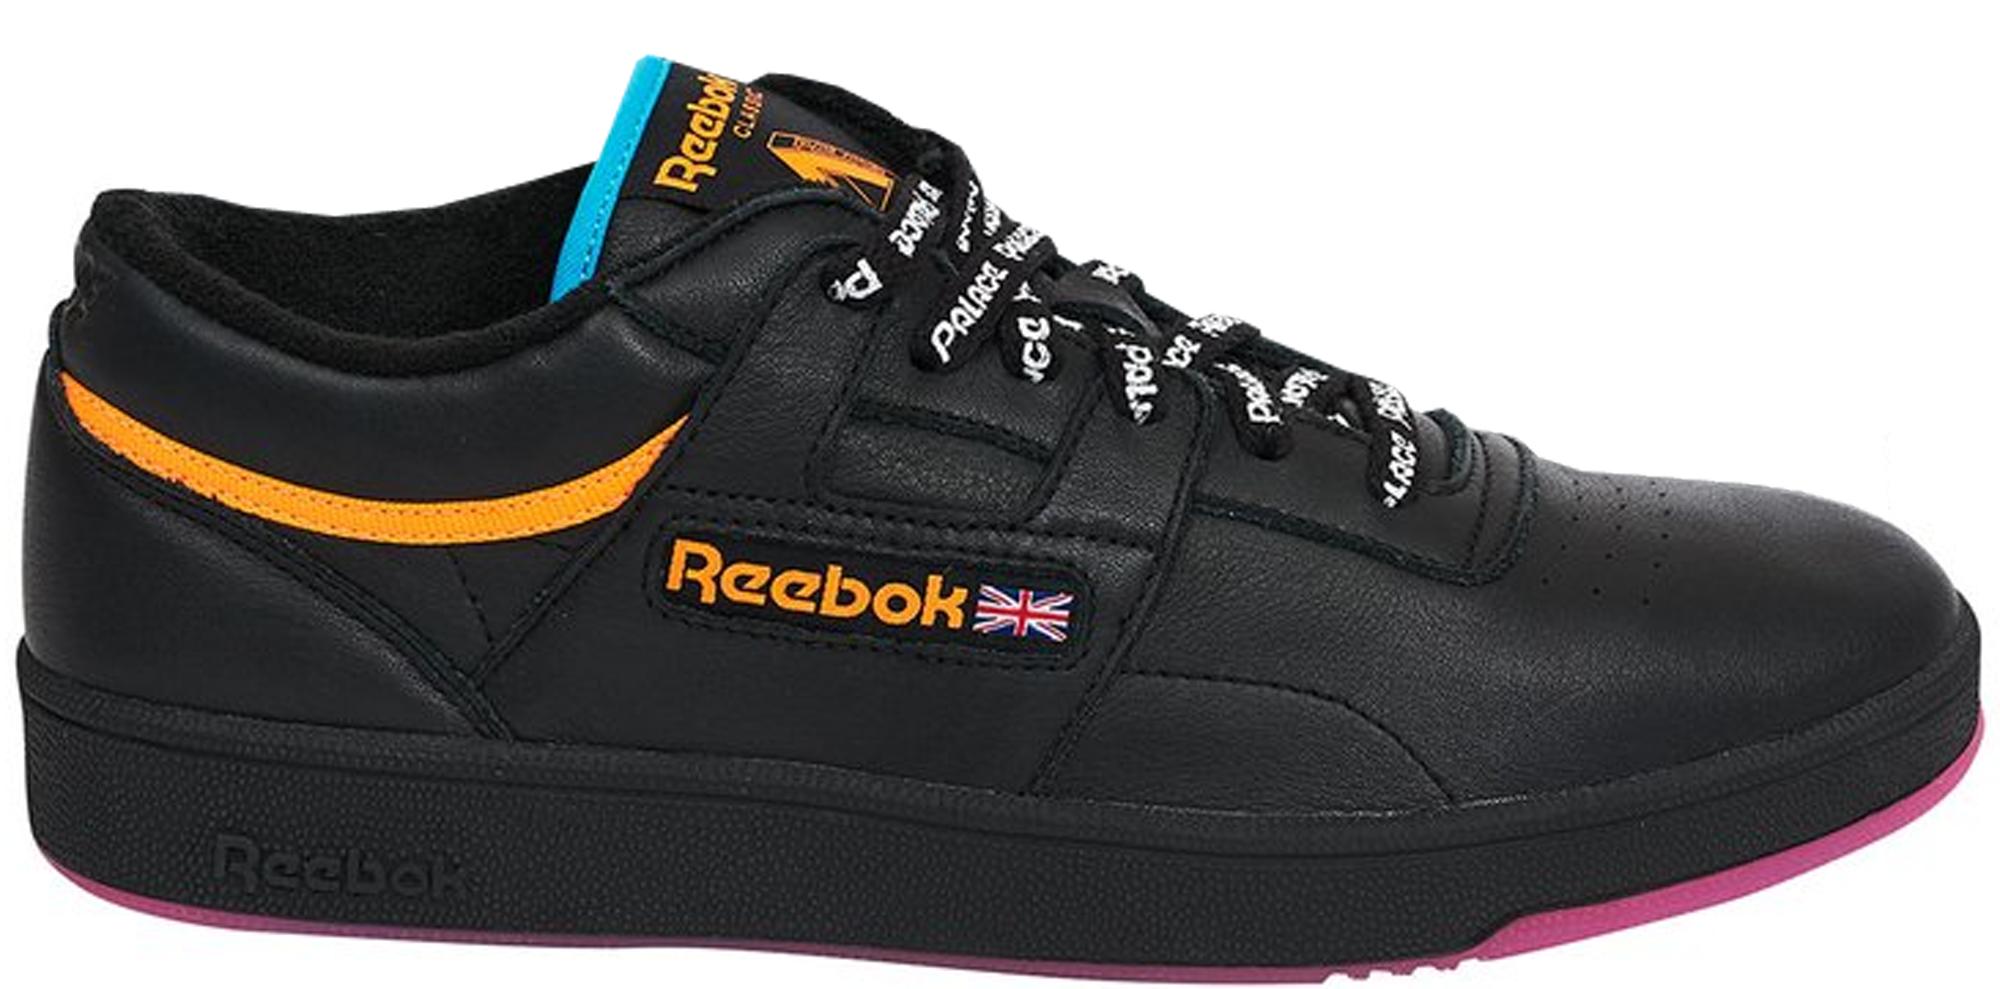 Reebok Club Workout Black